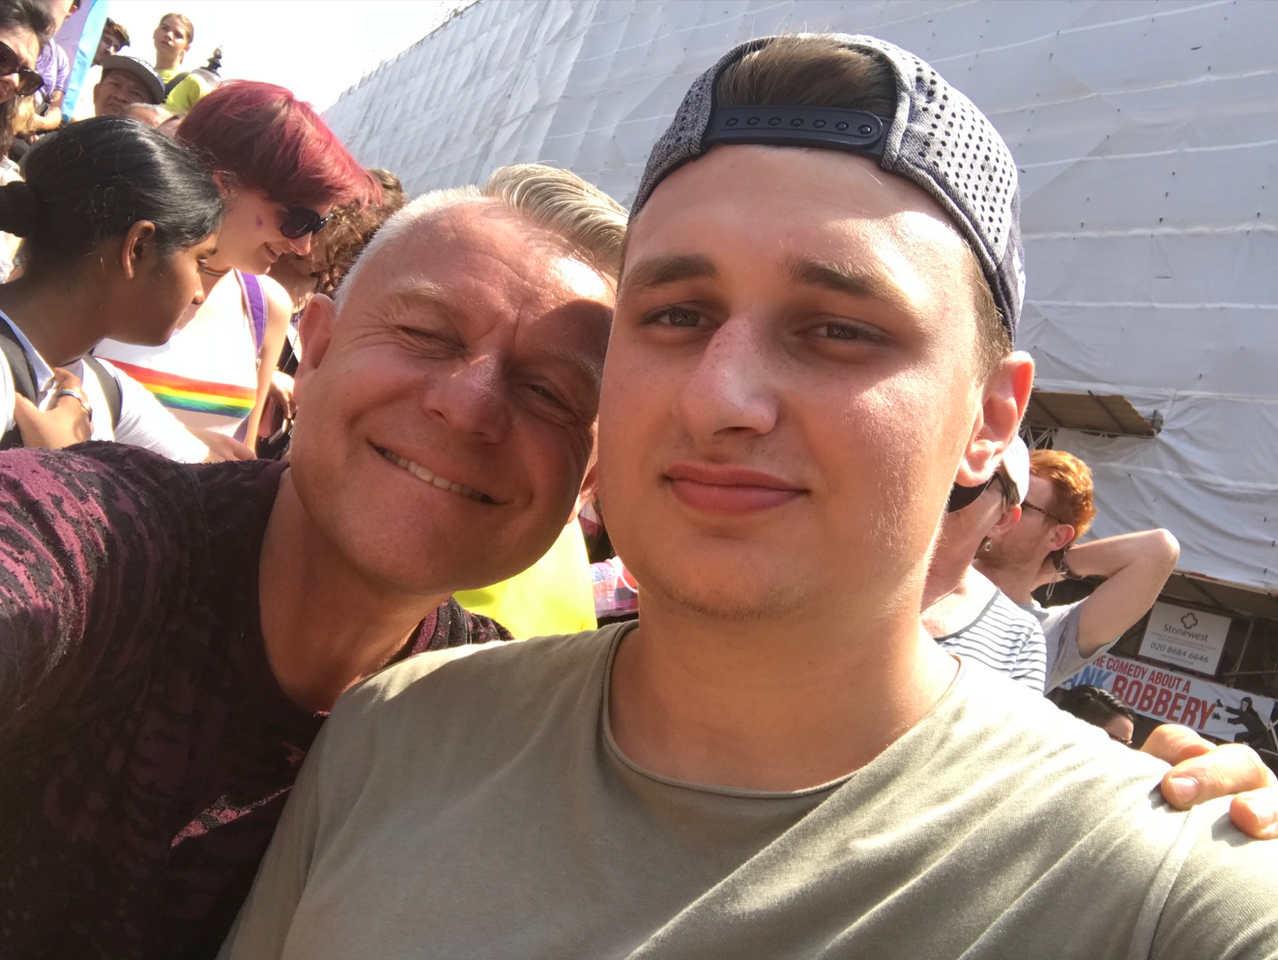 Bamber-Delver-met-Jordy-Buijs-selfie